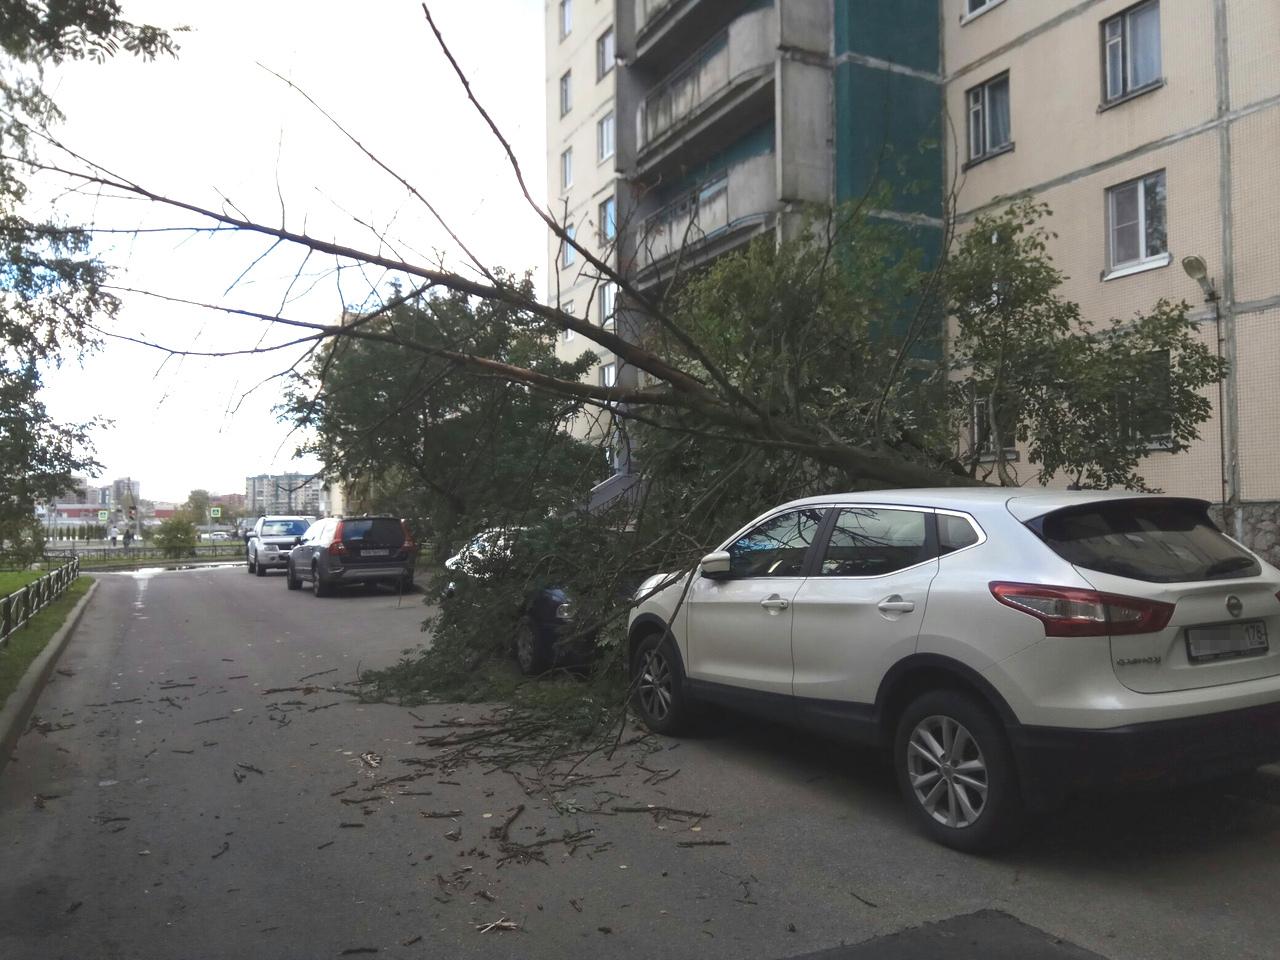 На проспекте Королёва, 34, дерево упало на «Шкоду Октавию» и «Ниссан Кашкай».